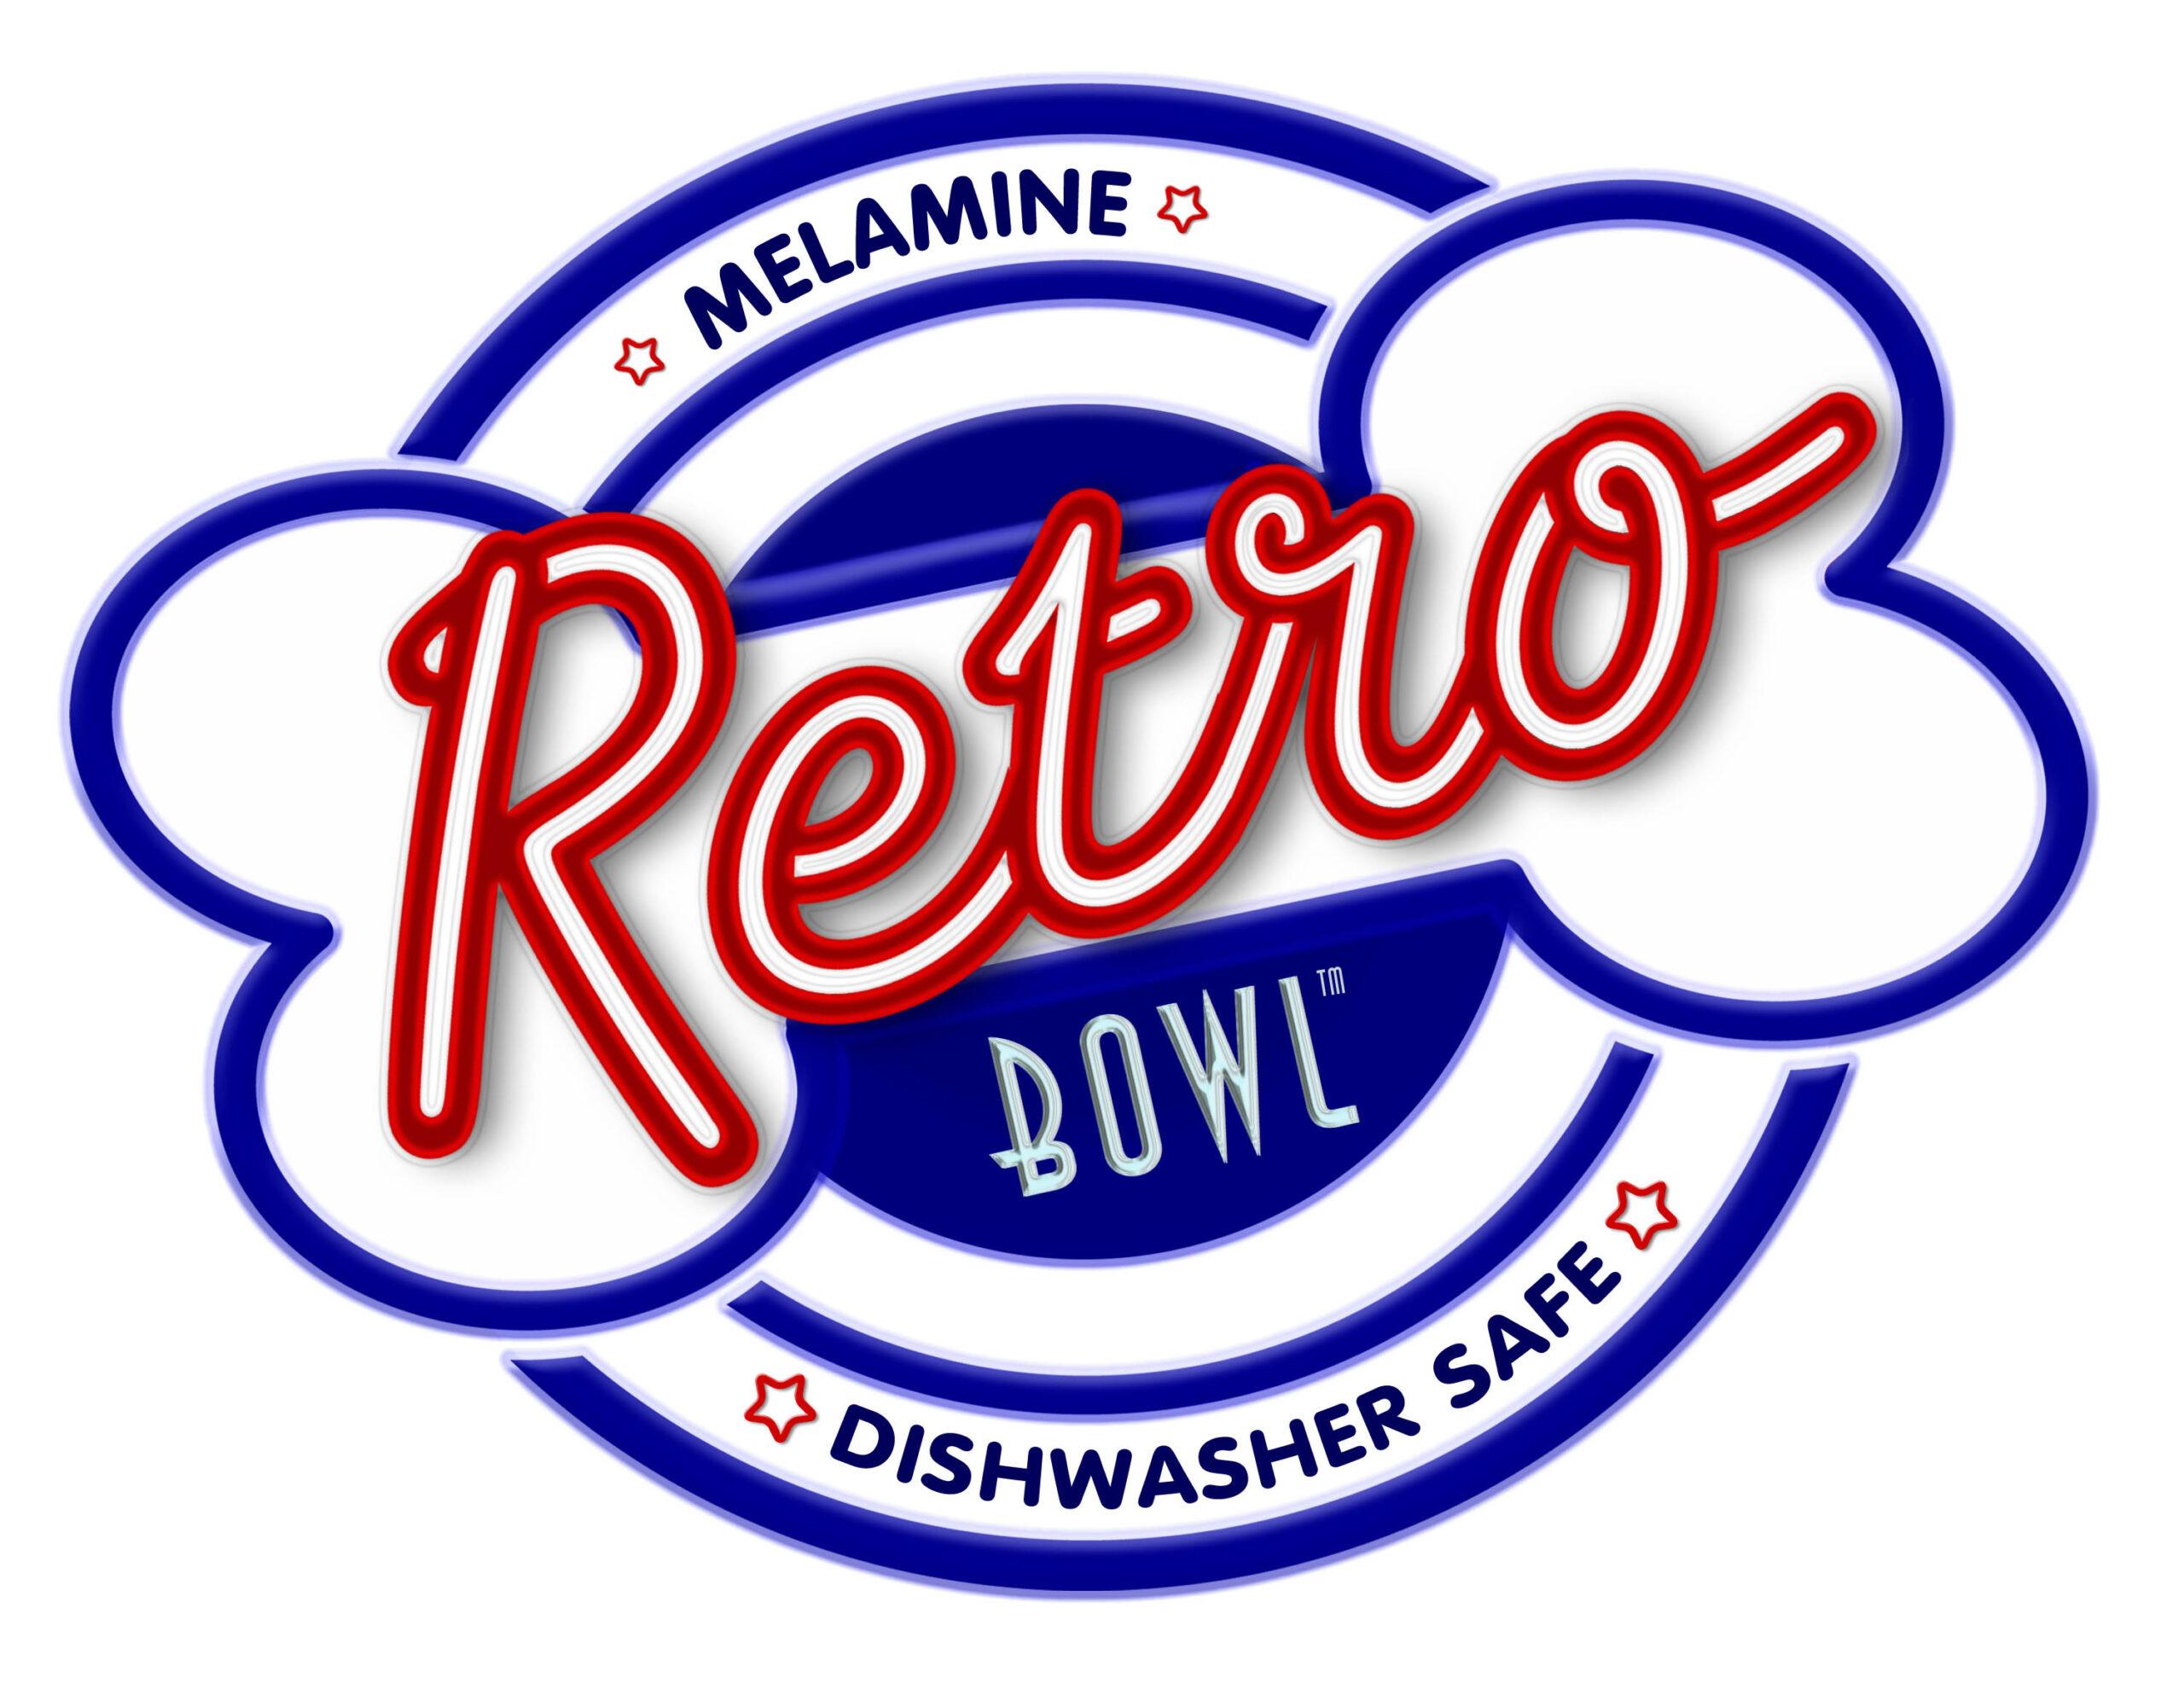 Retro Bowl Logo Image